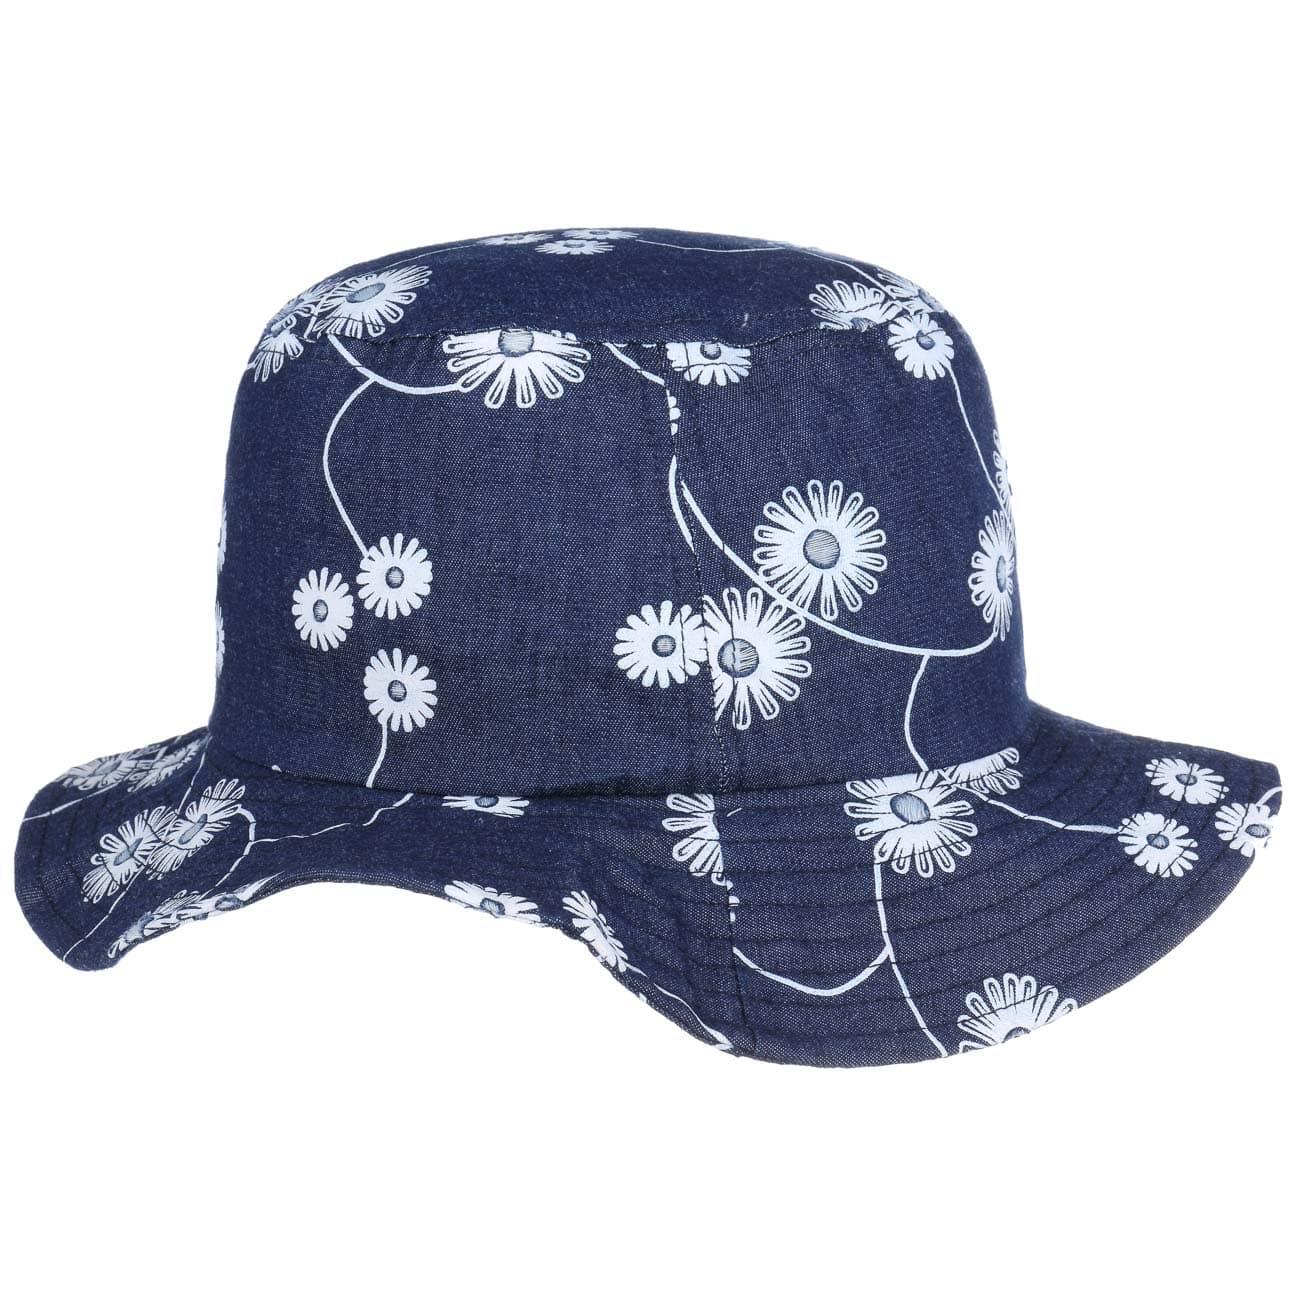 Sombrero de Ni?a Ladita by maximo  sombrero de playa